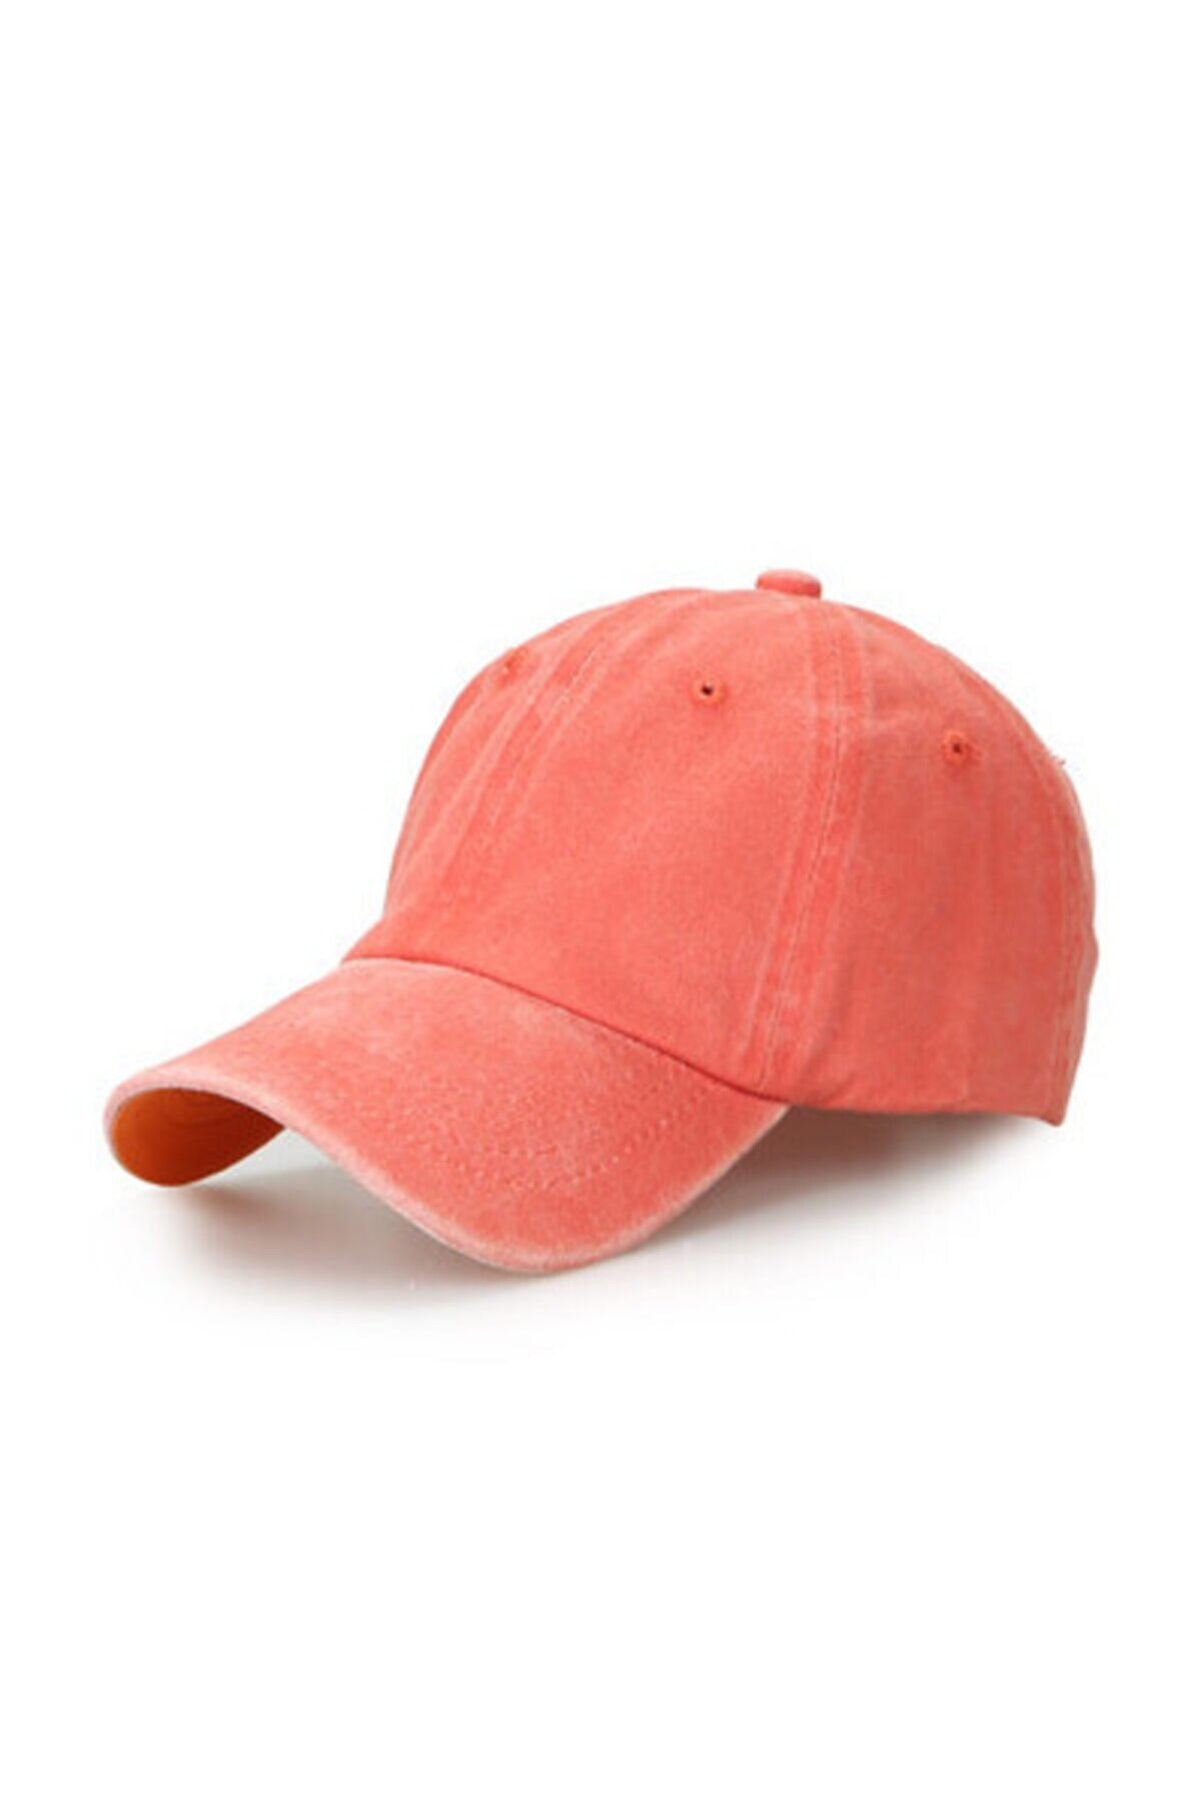 CosmoOutlet Düz Renk Yıkamalı Somon Şapka